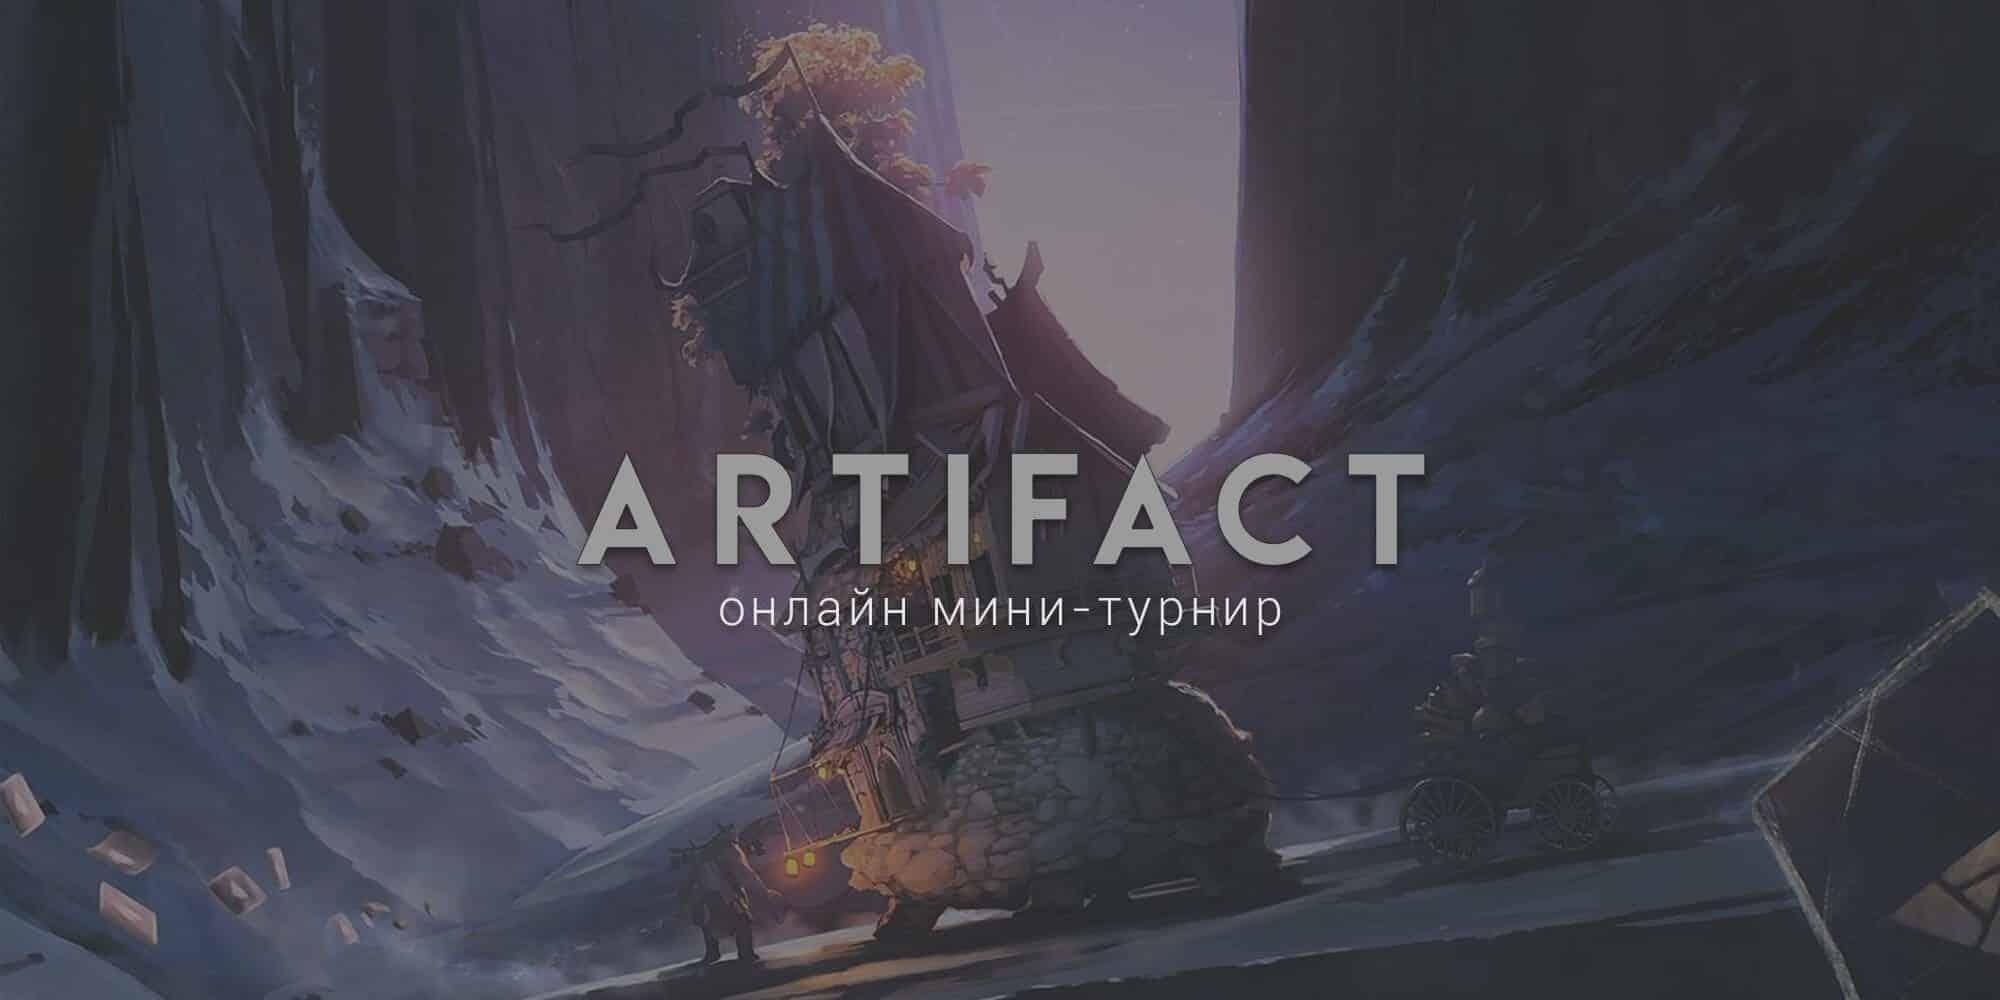 Первый онлайн турнир - Artifact